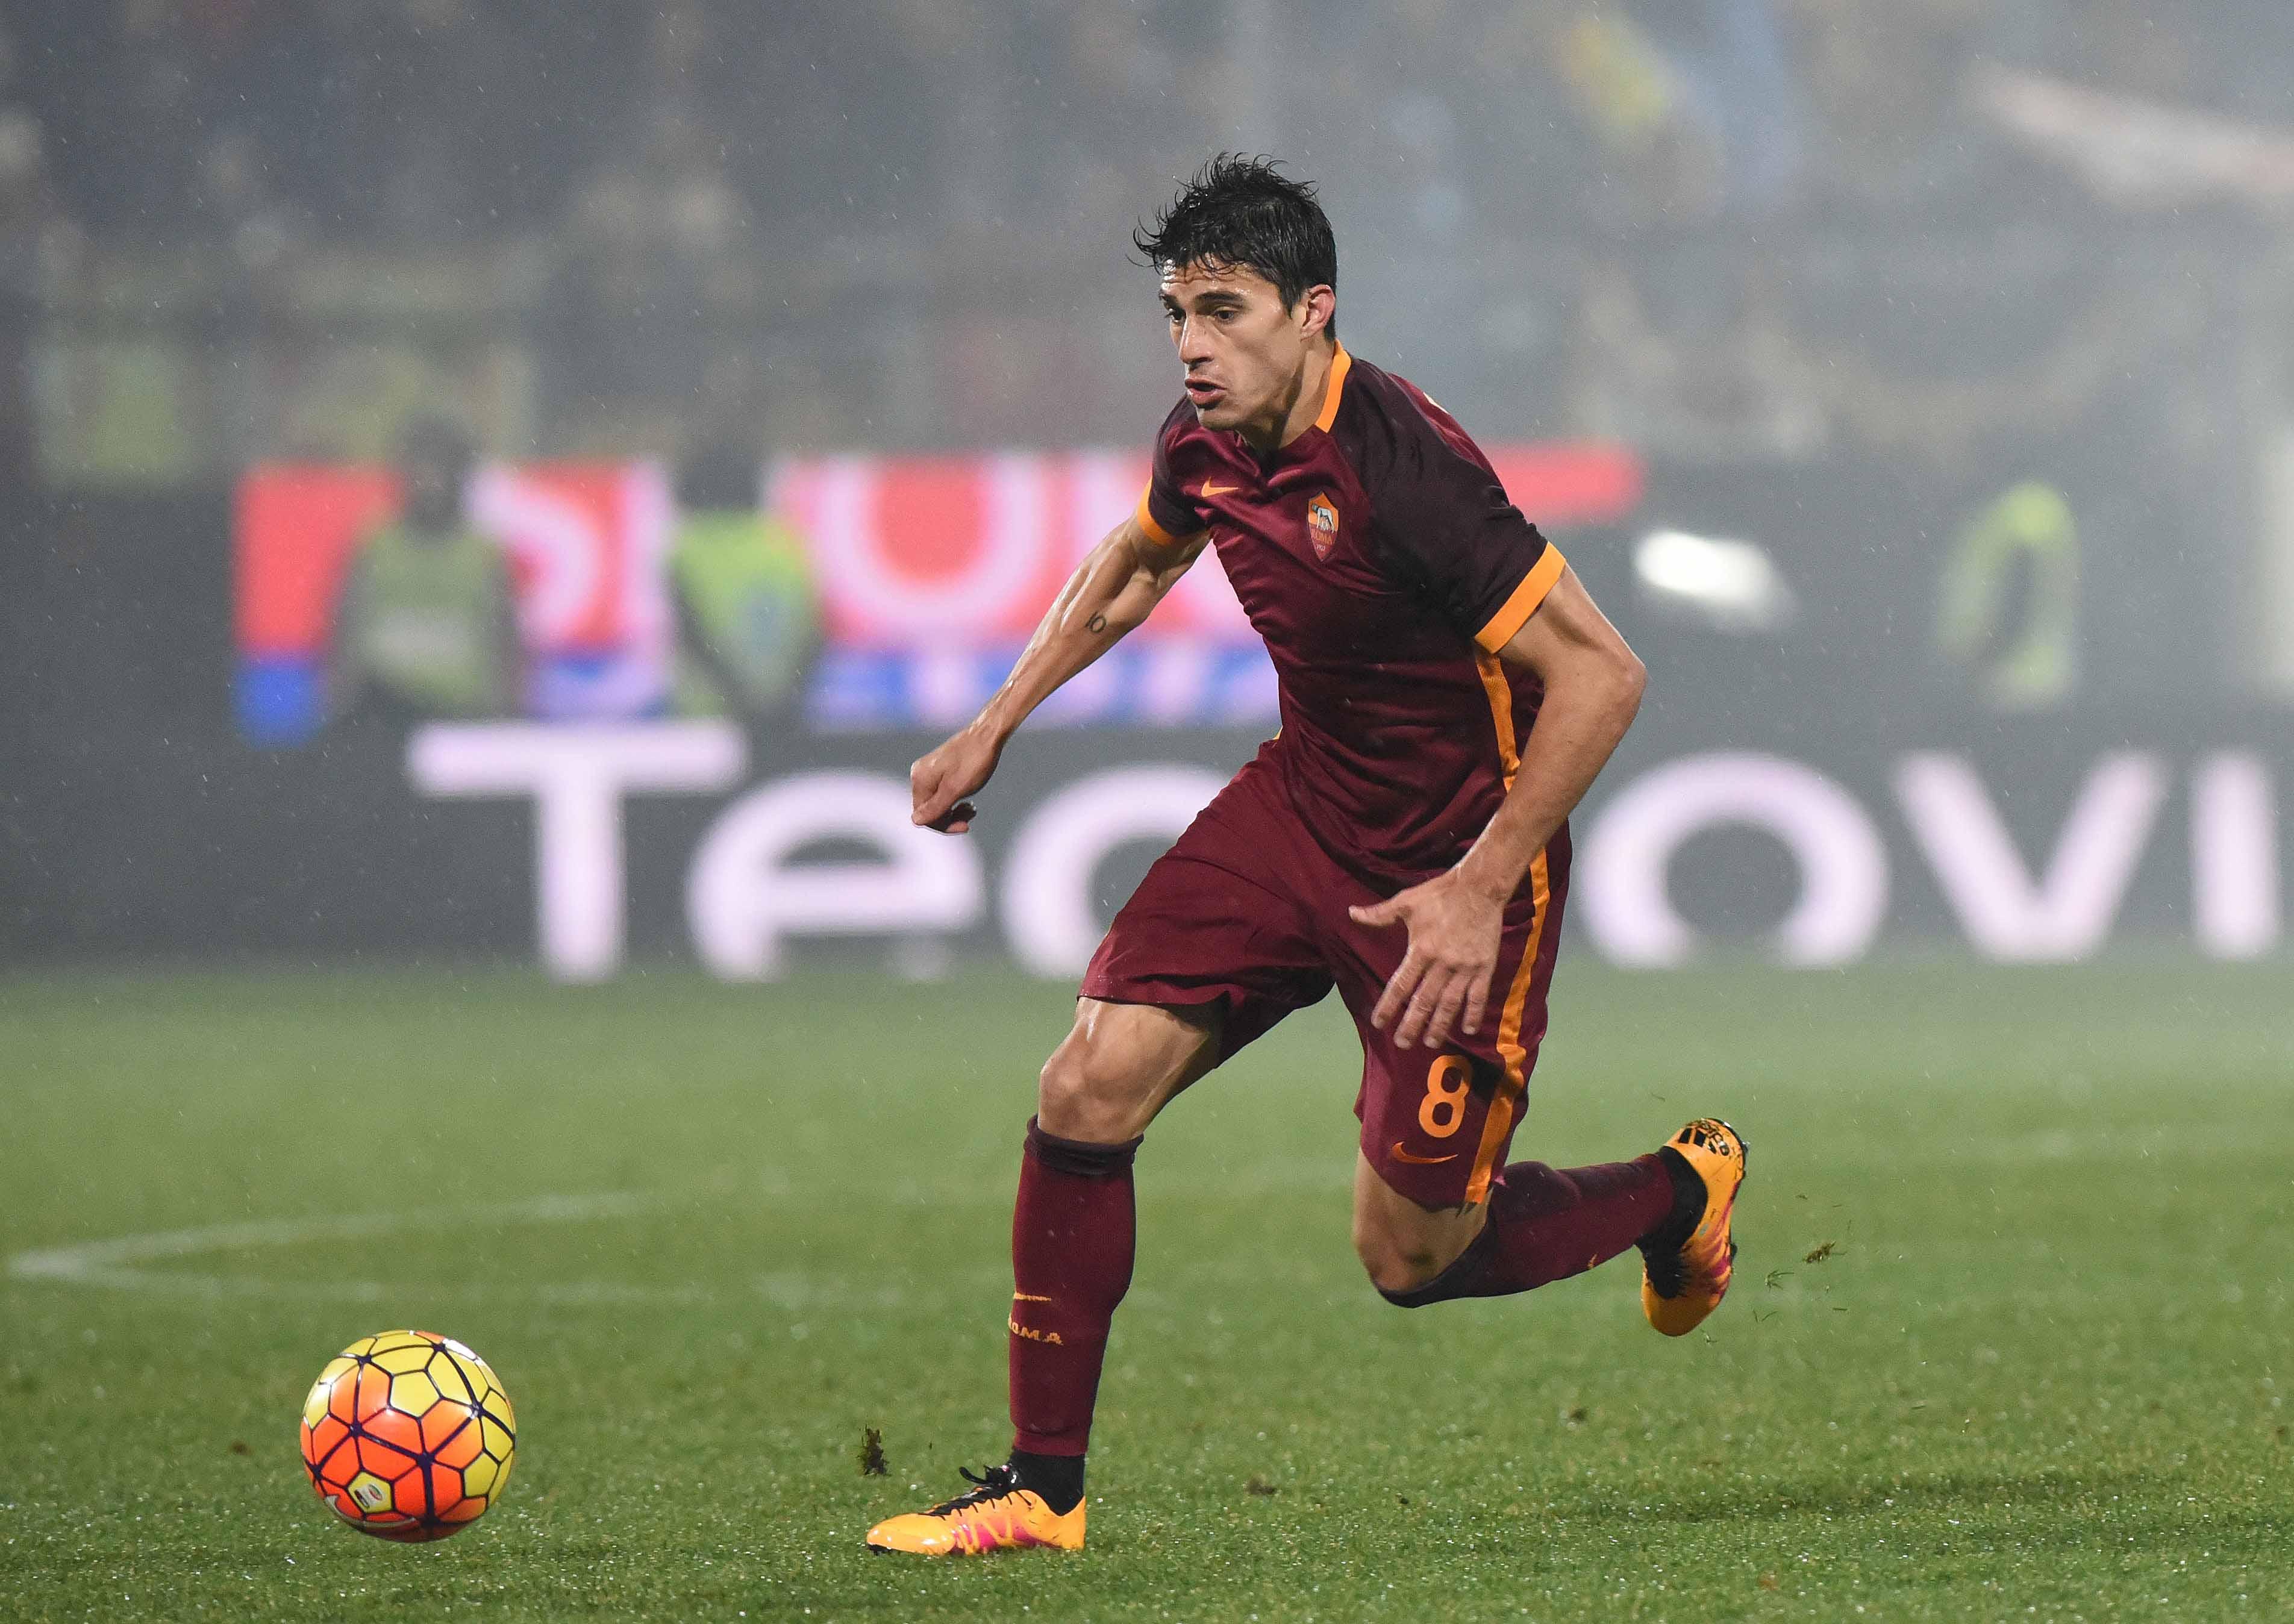 Juve-Roma, clima rovente: Perotti rifila una clamorosa bordata a Pjanic!